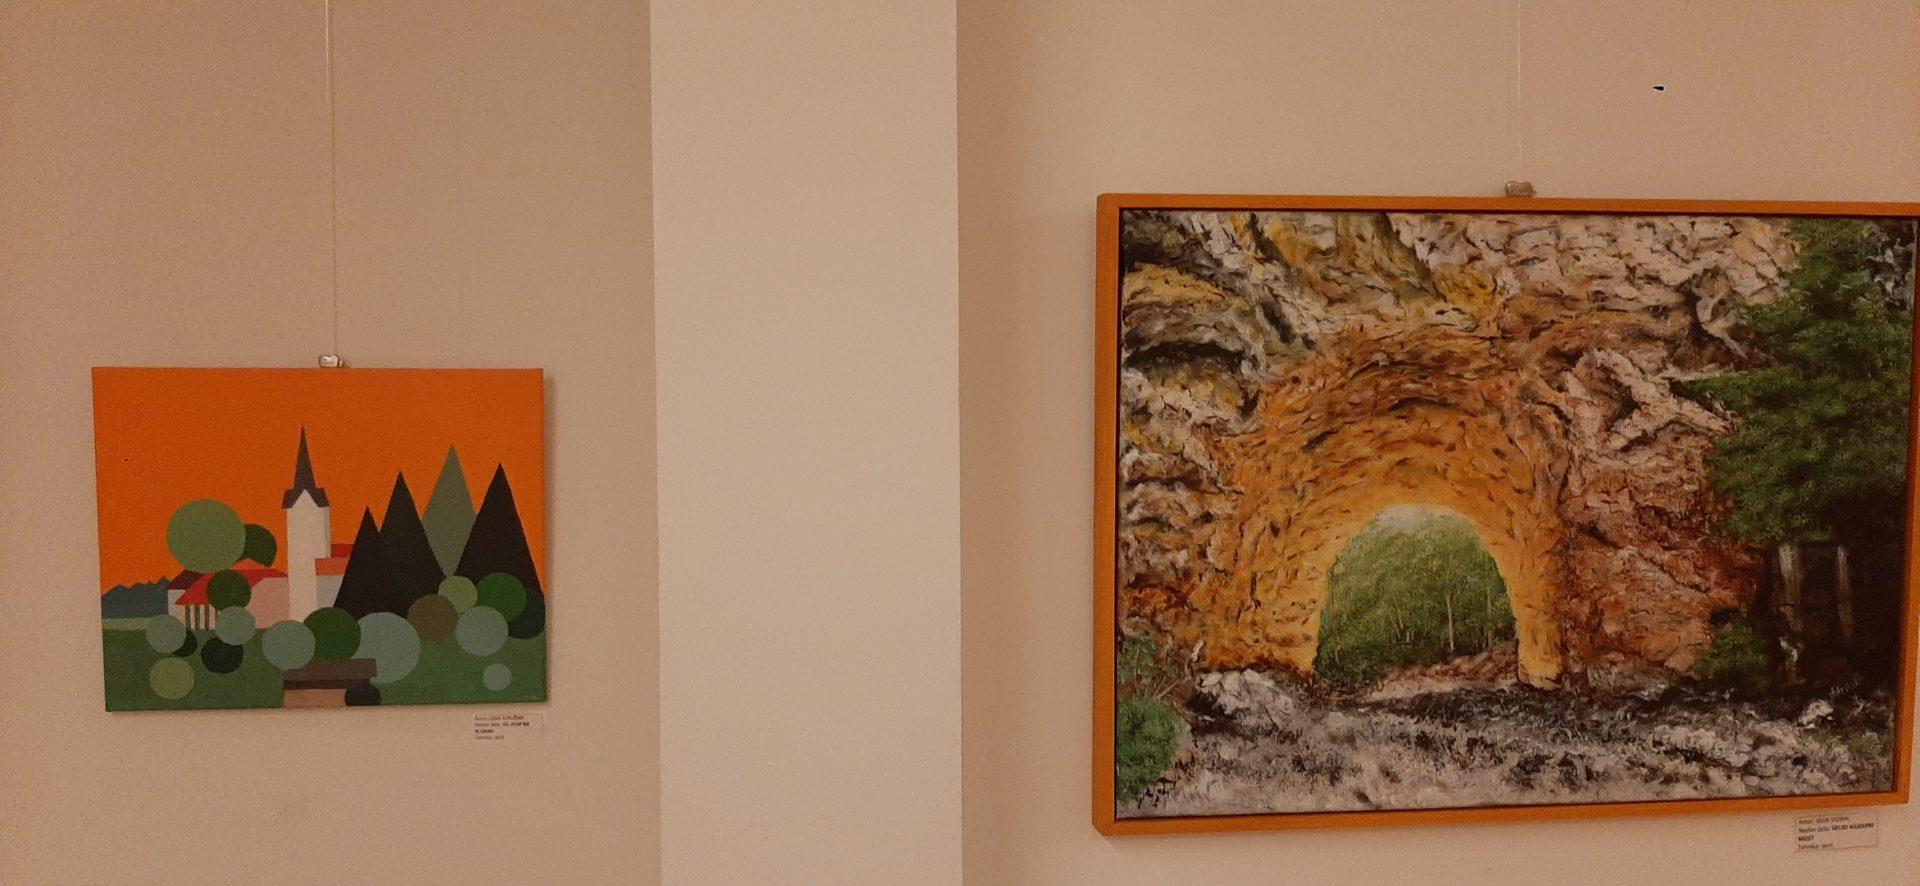 20201017 074533 - 15. slikarski Ex-tempore Rak Rakek – razstava likovnih del